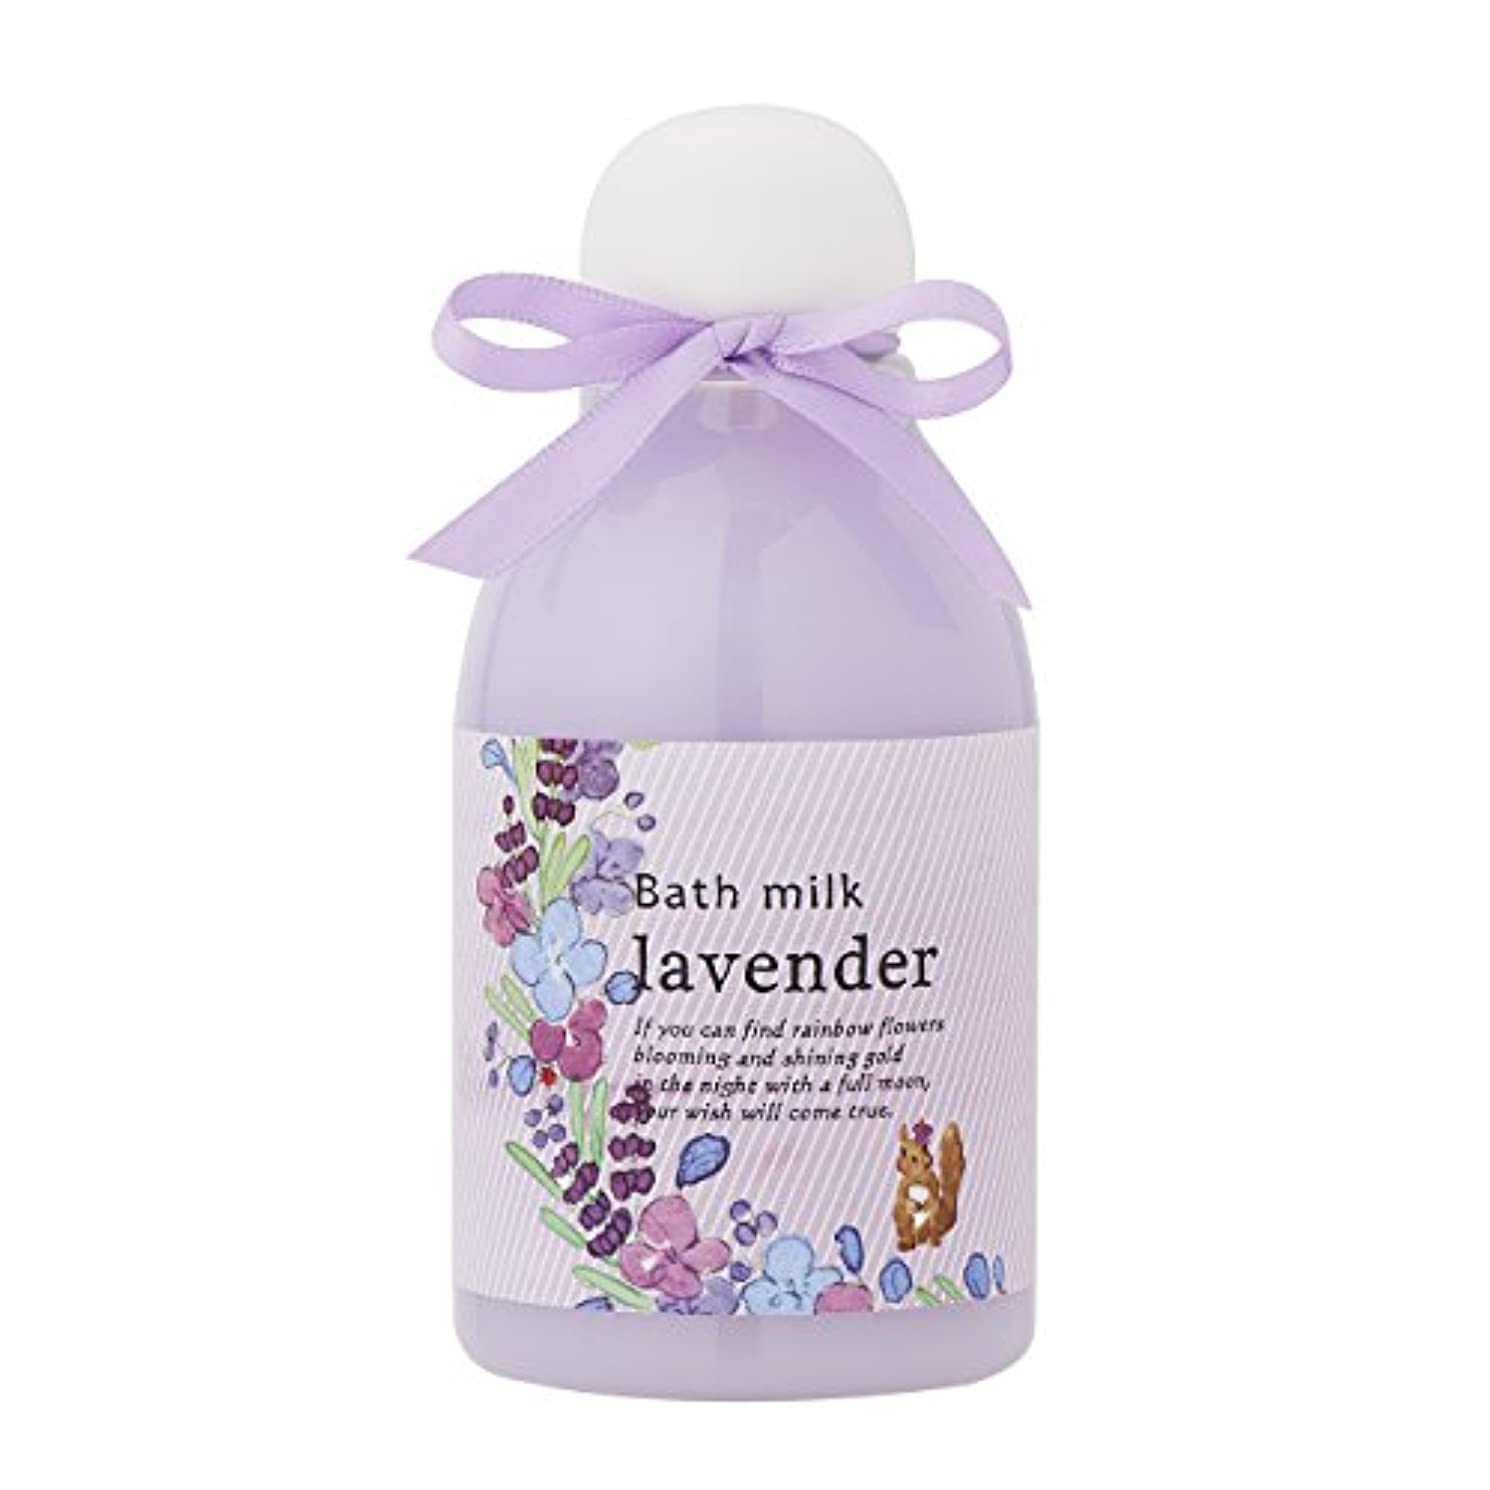 強調するプログレッシブ草サンハーブ バスミルク ラベンダー 200ml(バブルバスタイプ入浴料 泡風呂 ふわっと爽やかなラベンダーの香り)